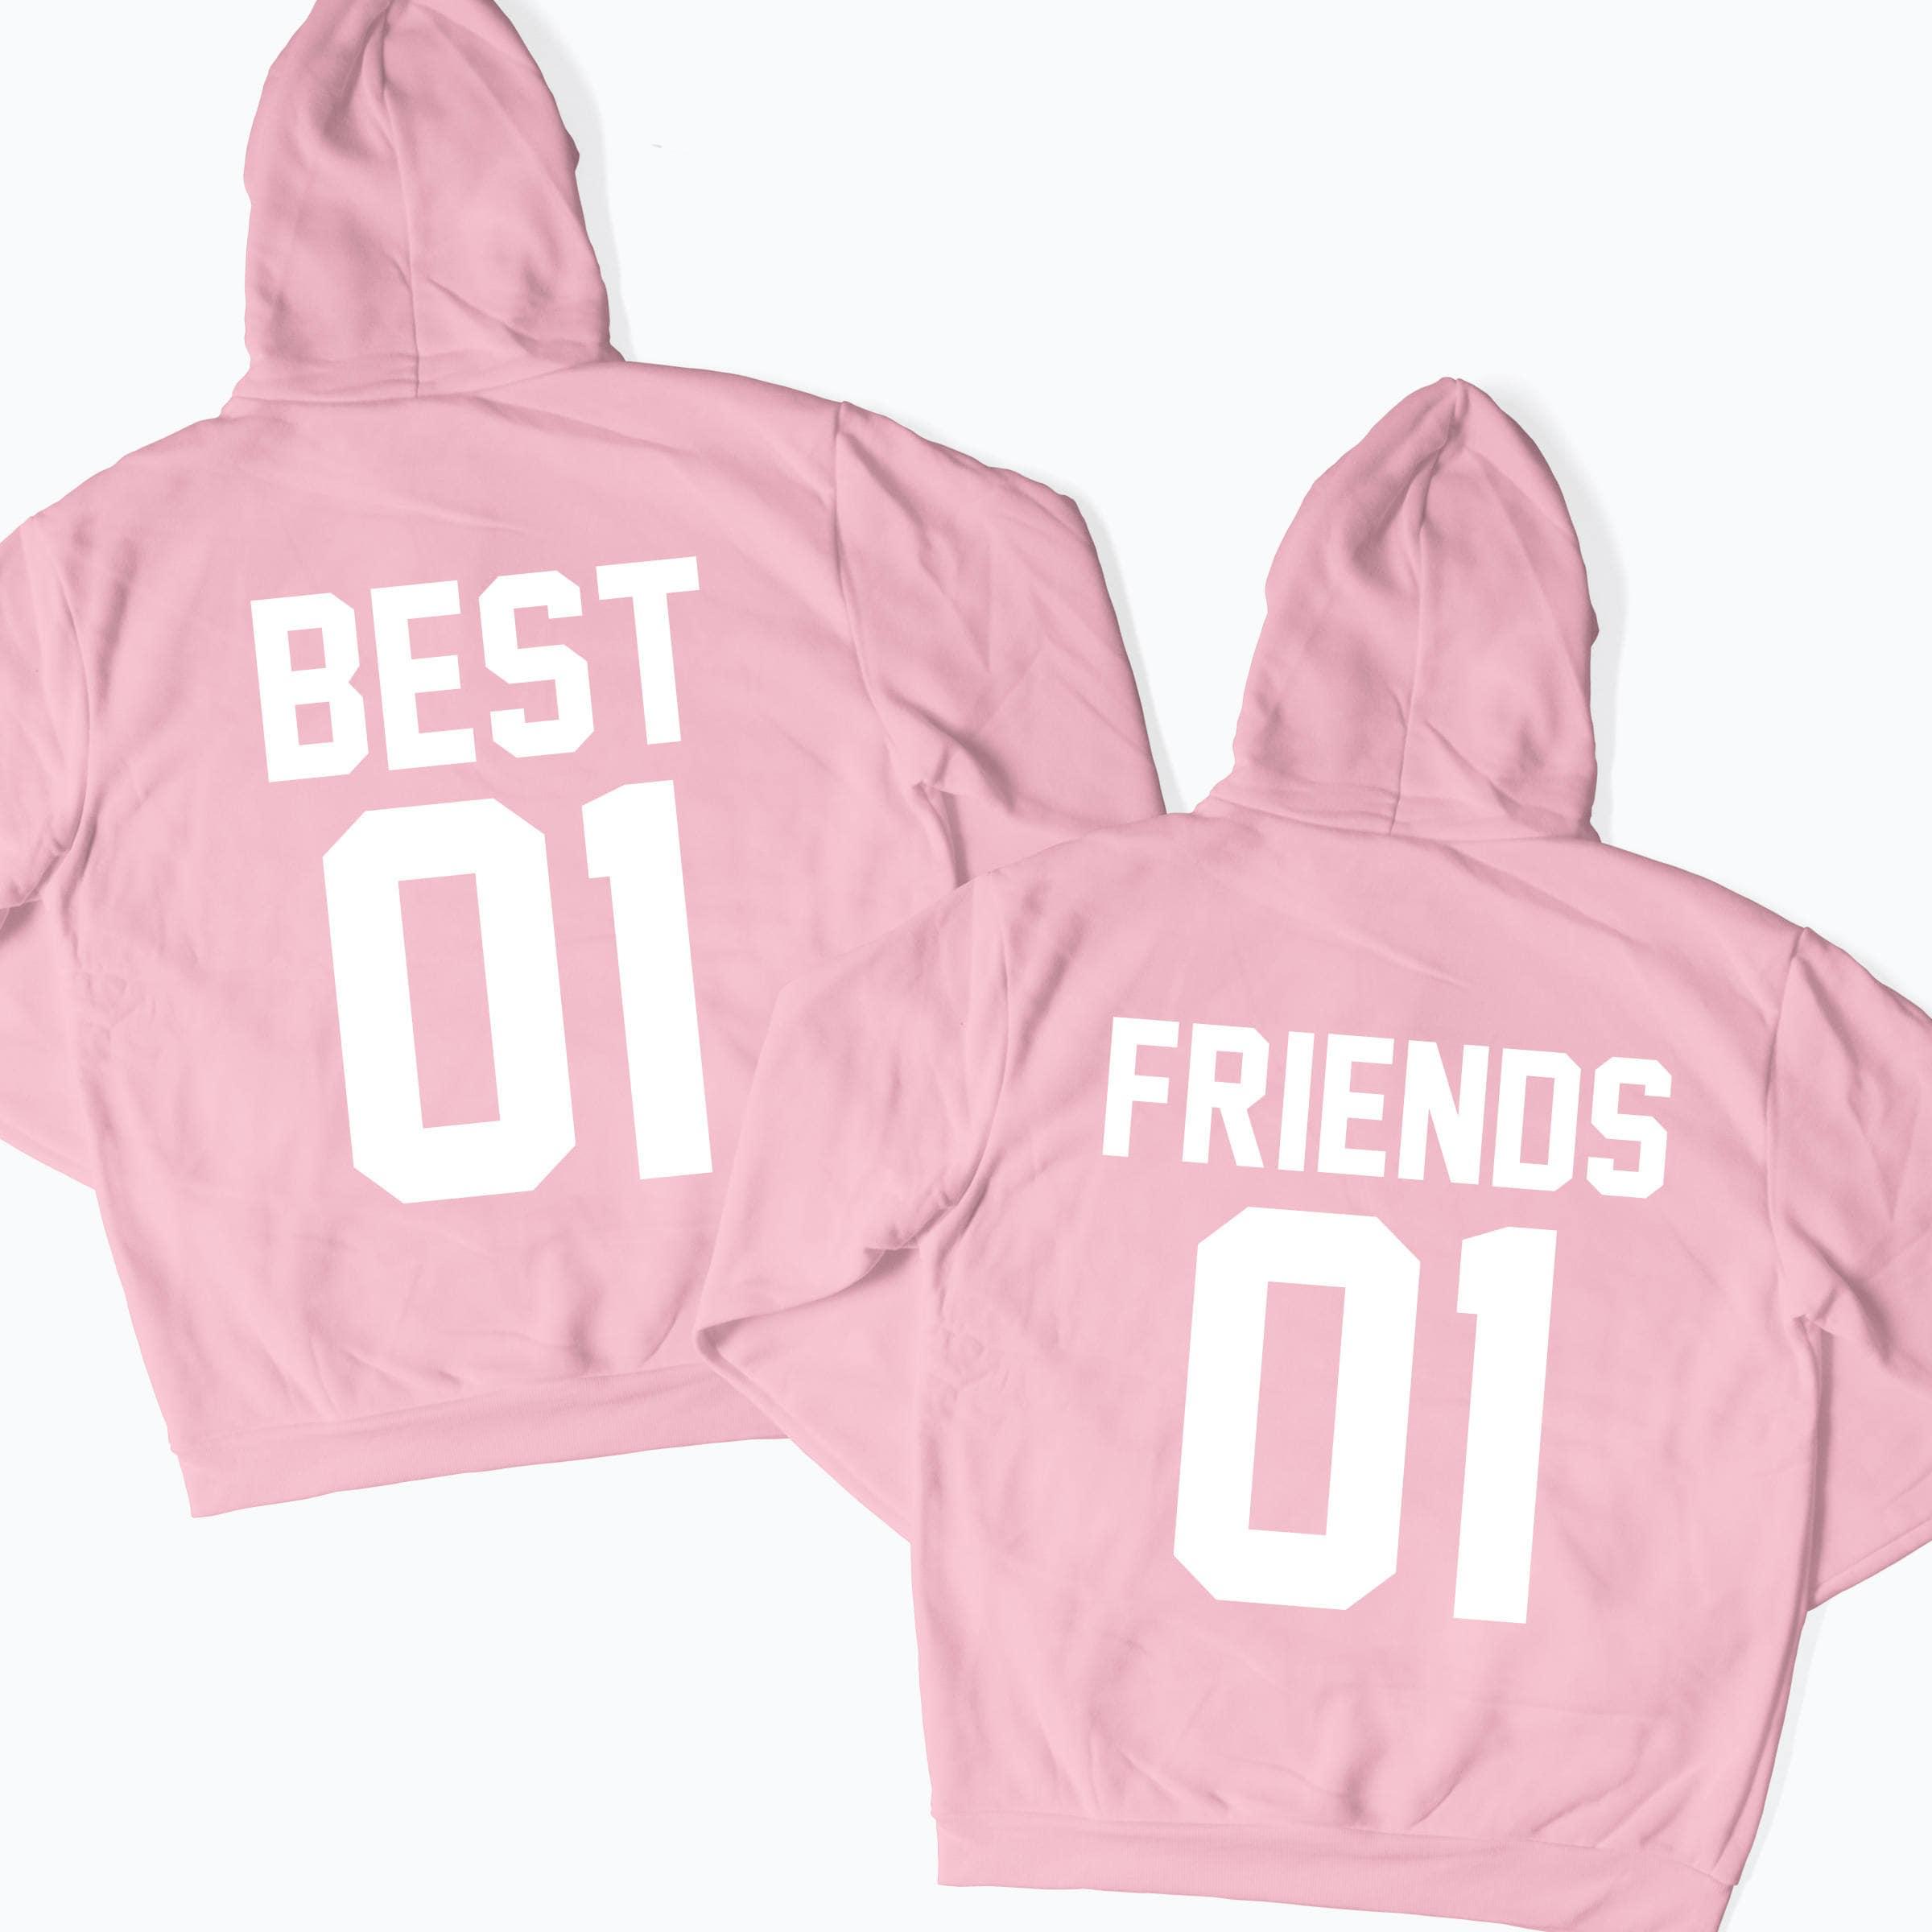 Best Friends Matching Hoodies Matching Couple Shirts Matching Etsy